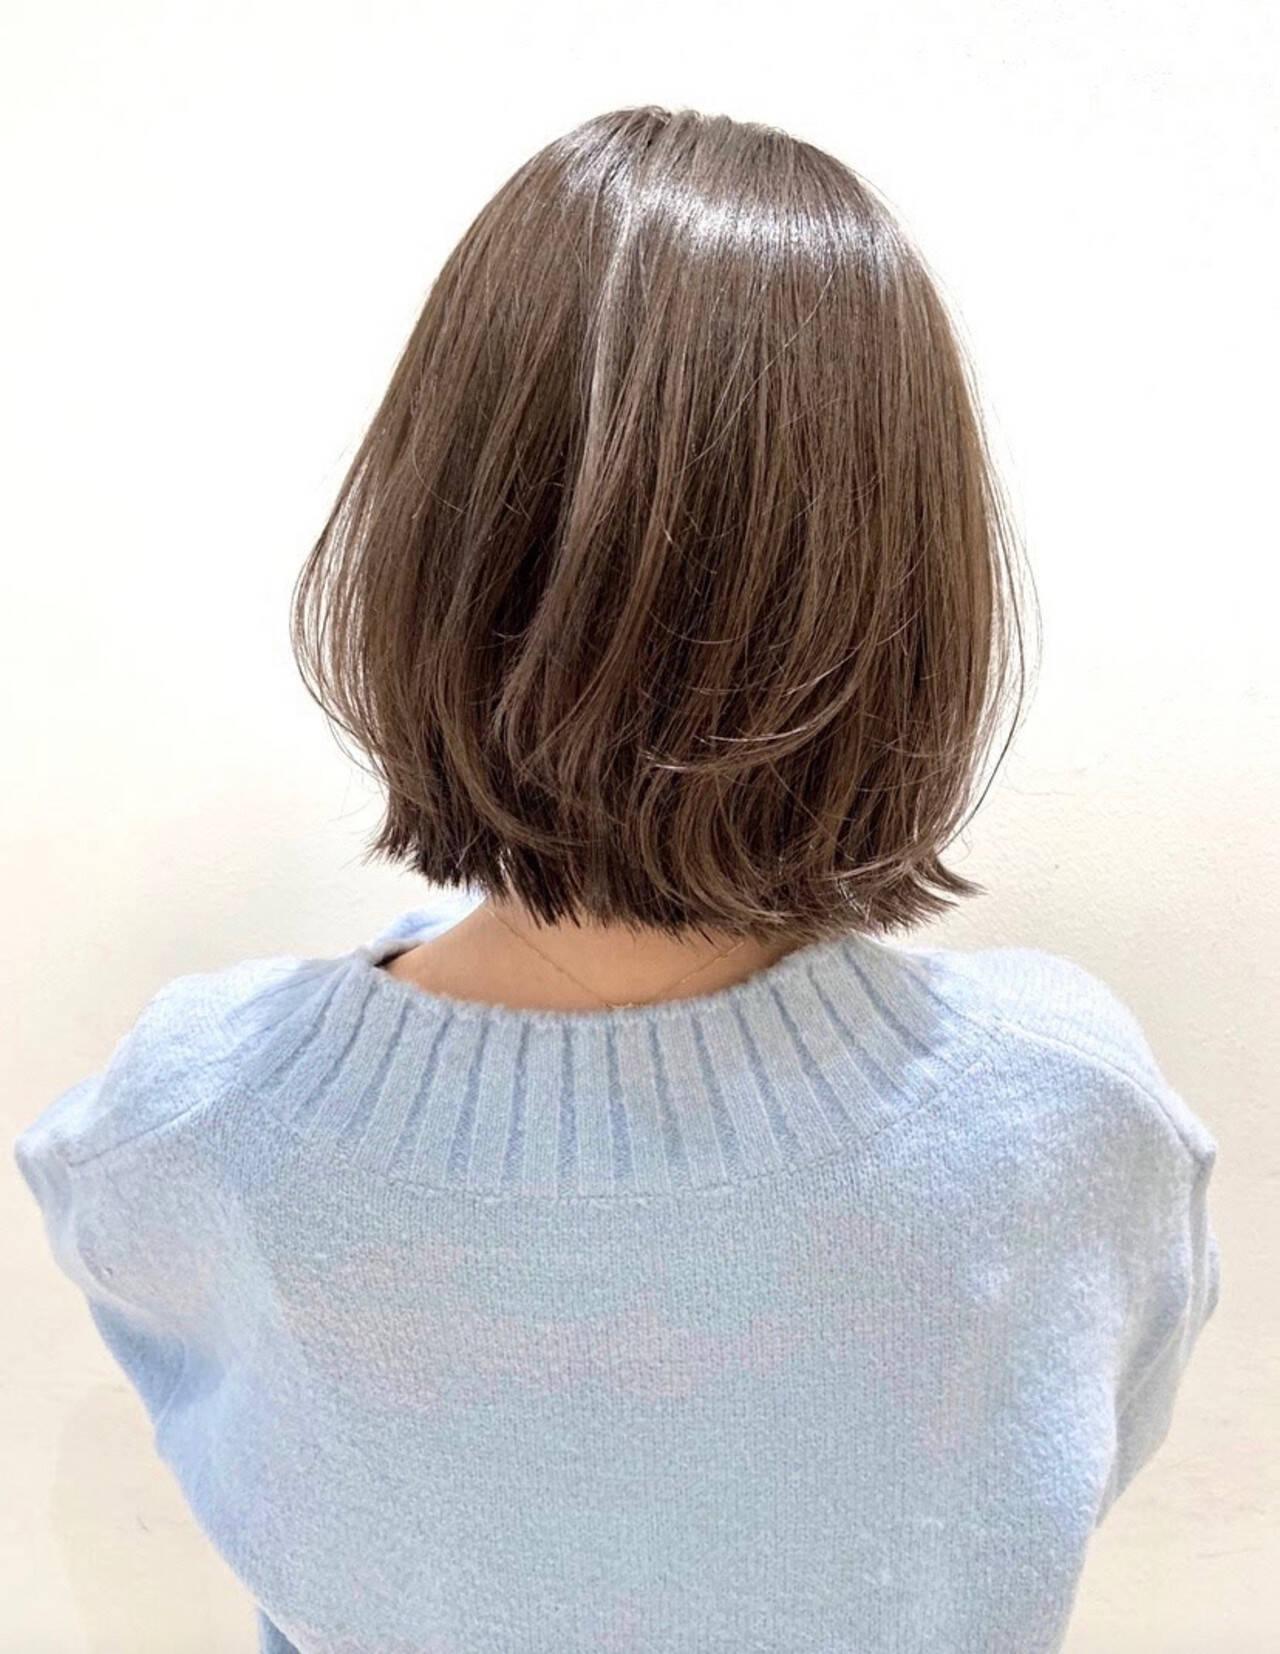 シアーベージュ 3Dハイライト 極細ハイライト アッシュグレージュヘアスタイルや髪型の写真・画像